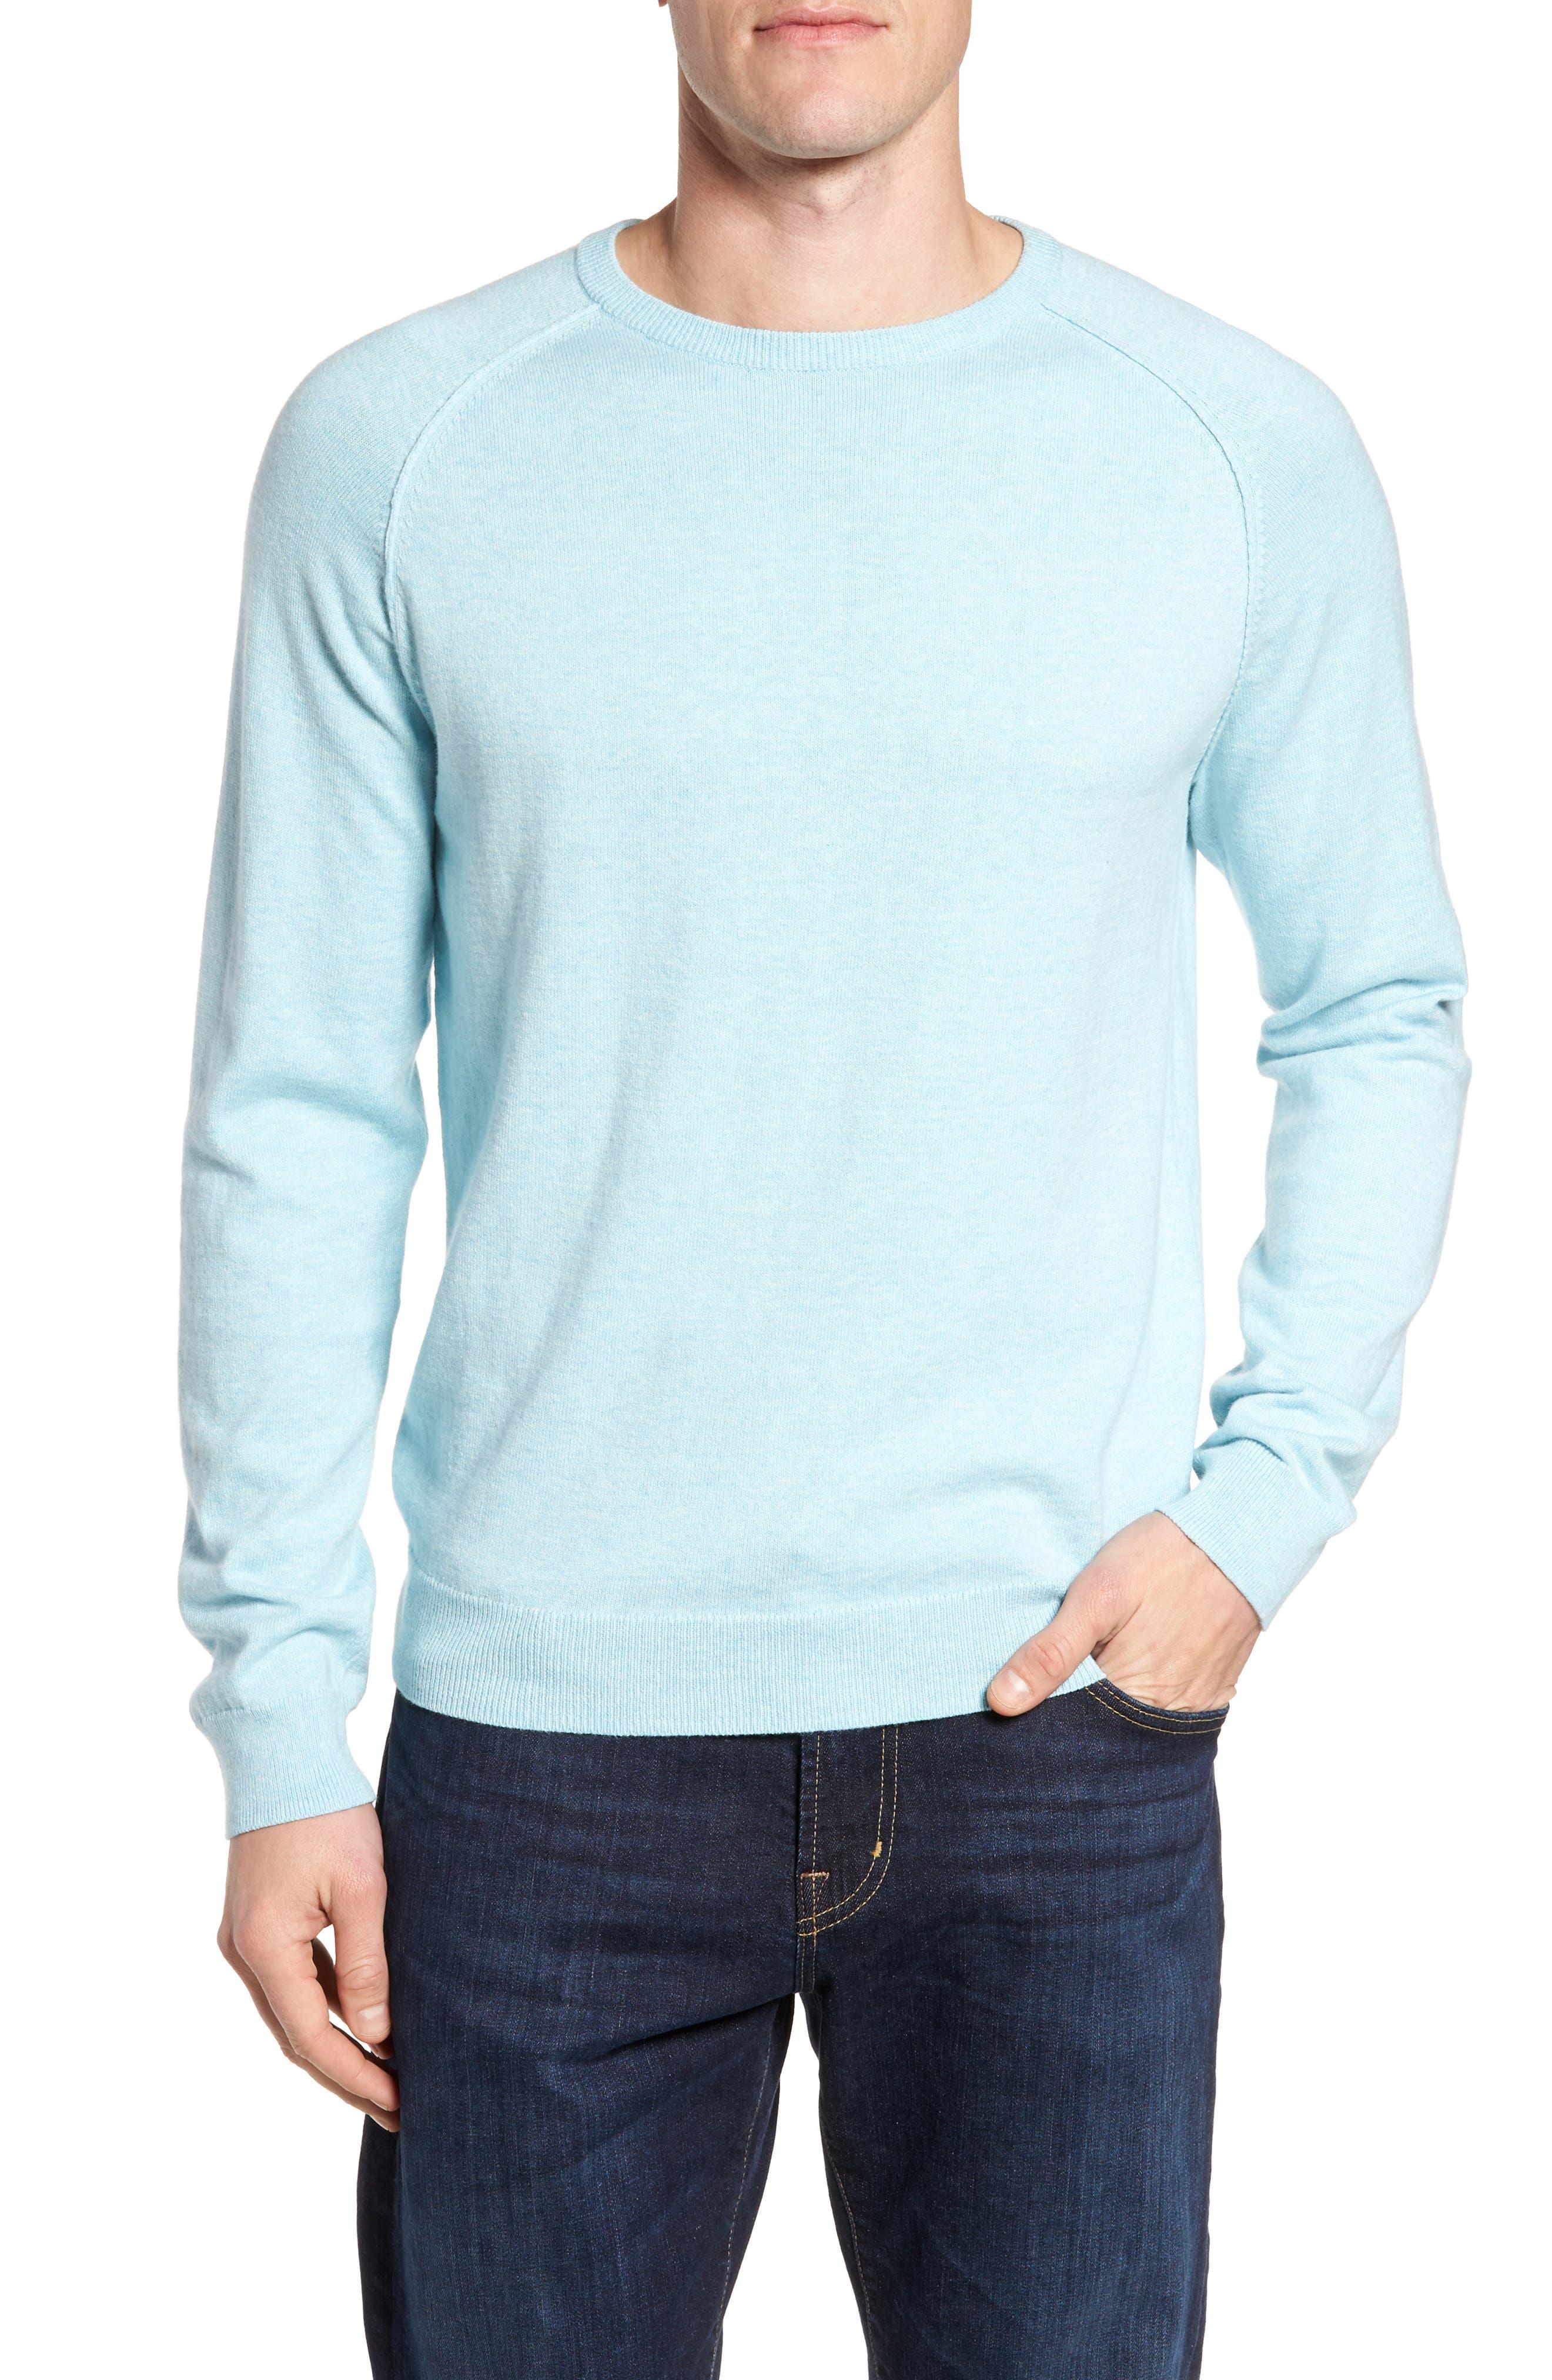 Men's Cashmere Sweaters: Crewneck & V-Neck | Nordstrom